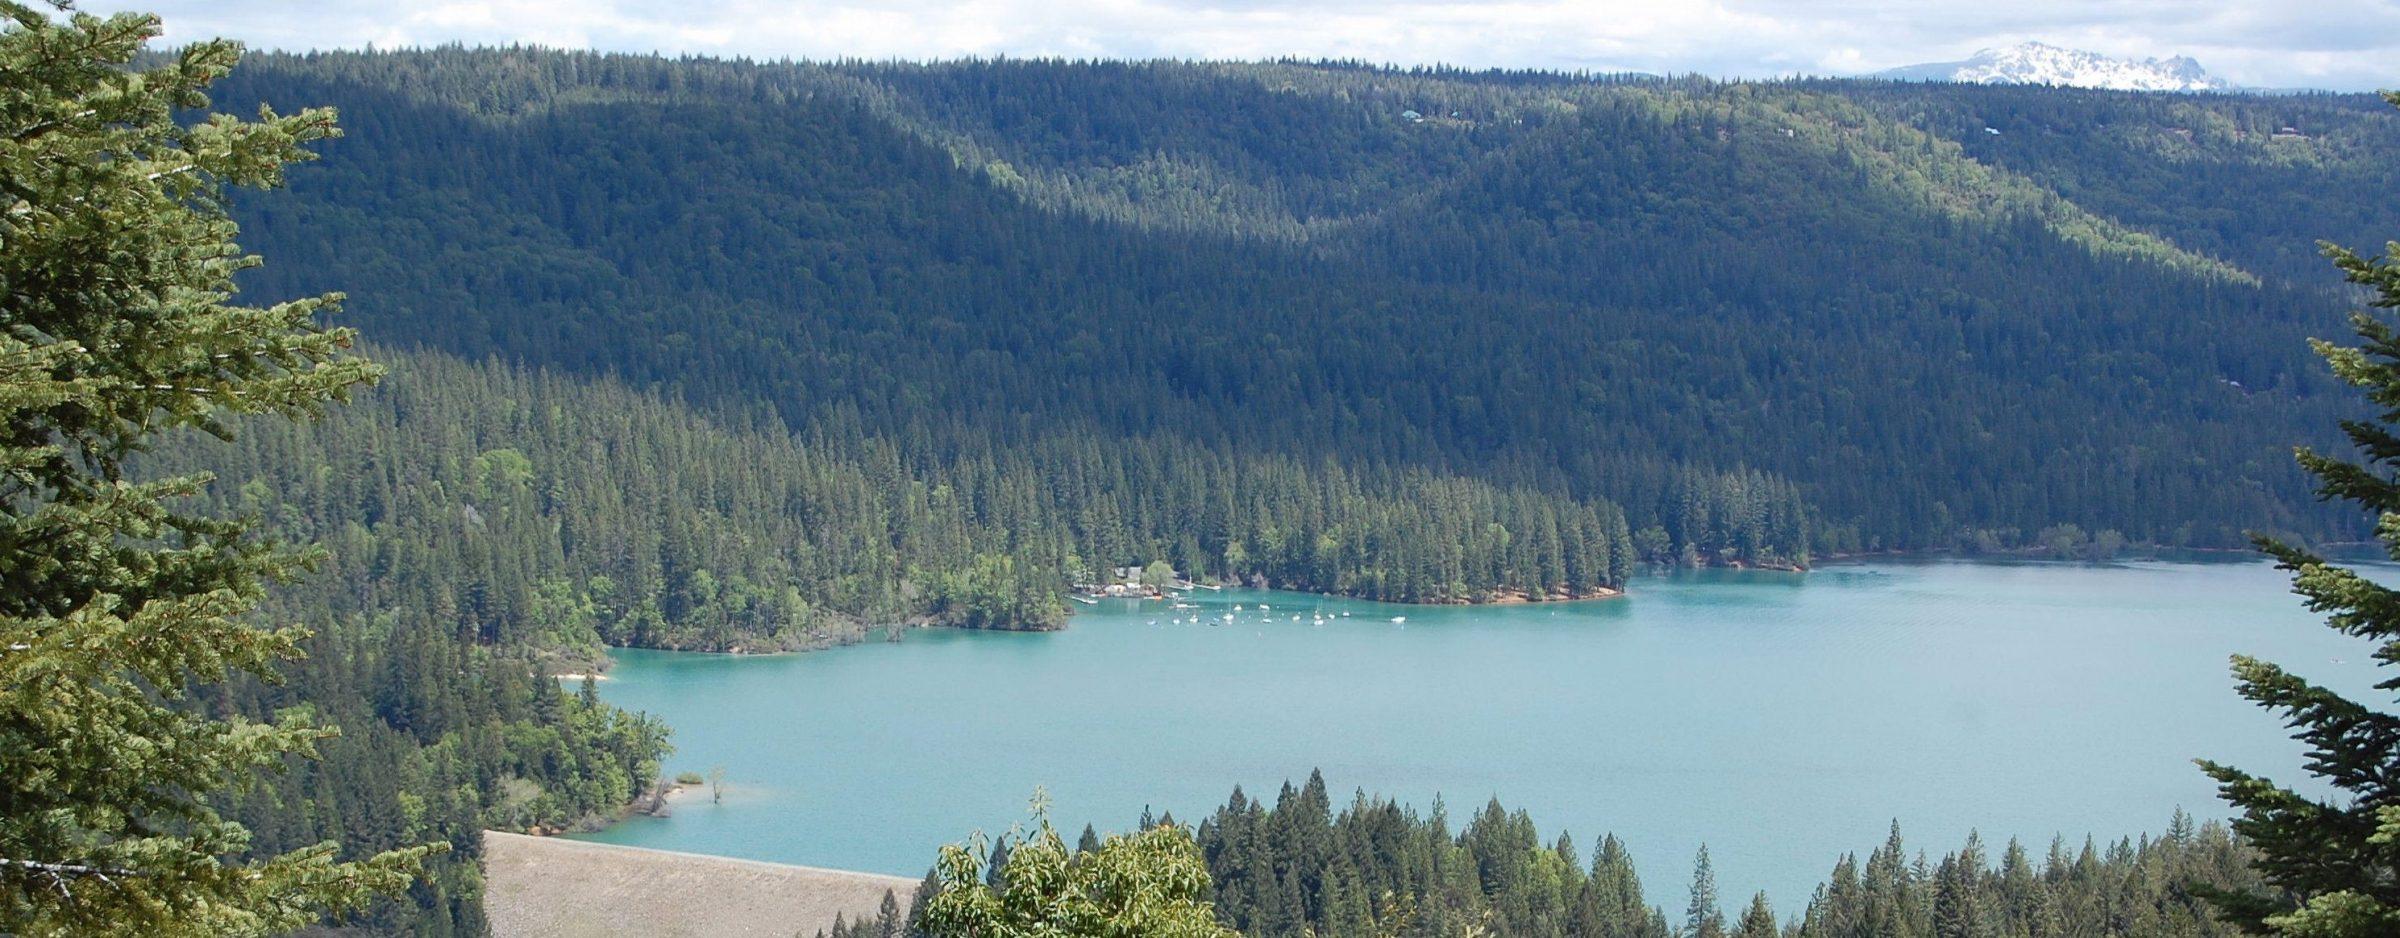 Scotts Flat Lake